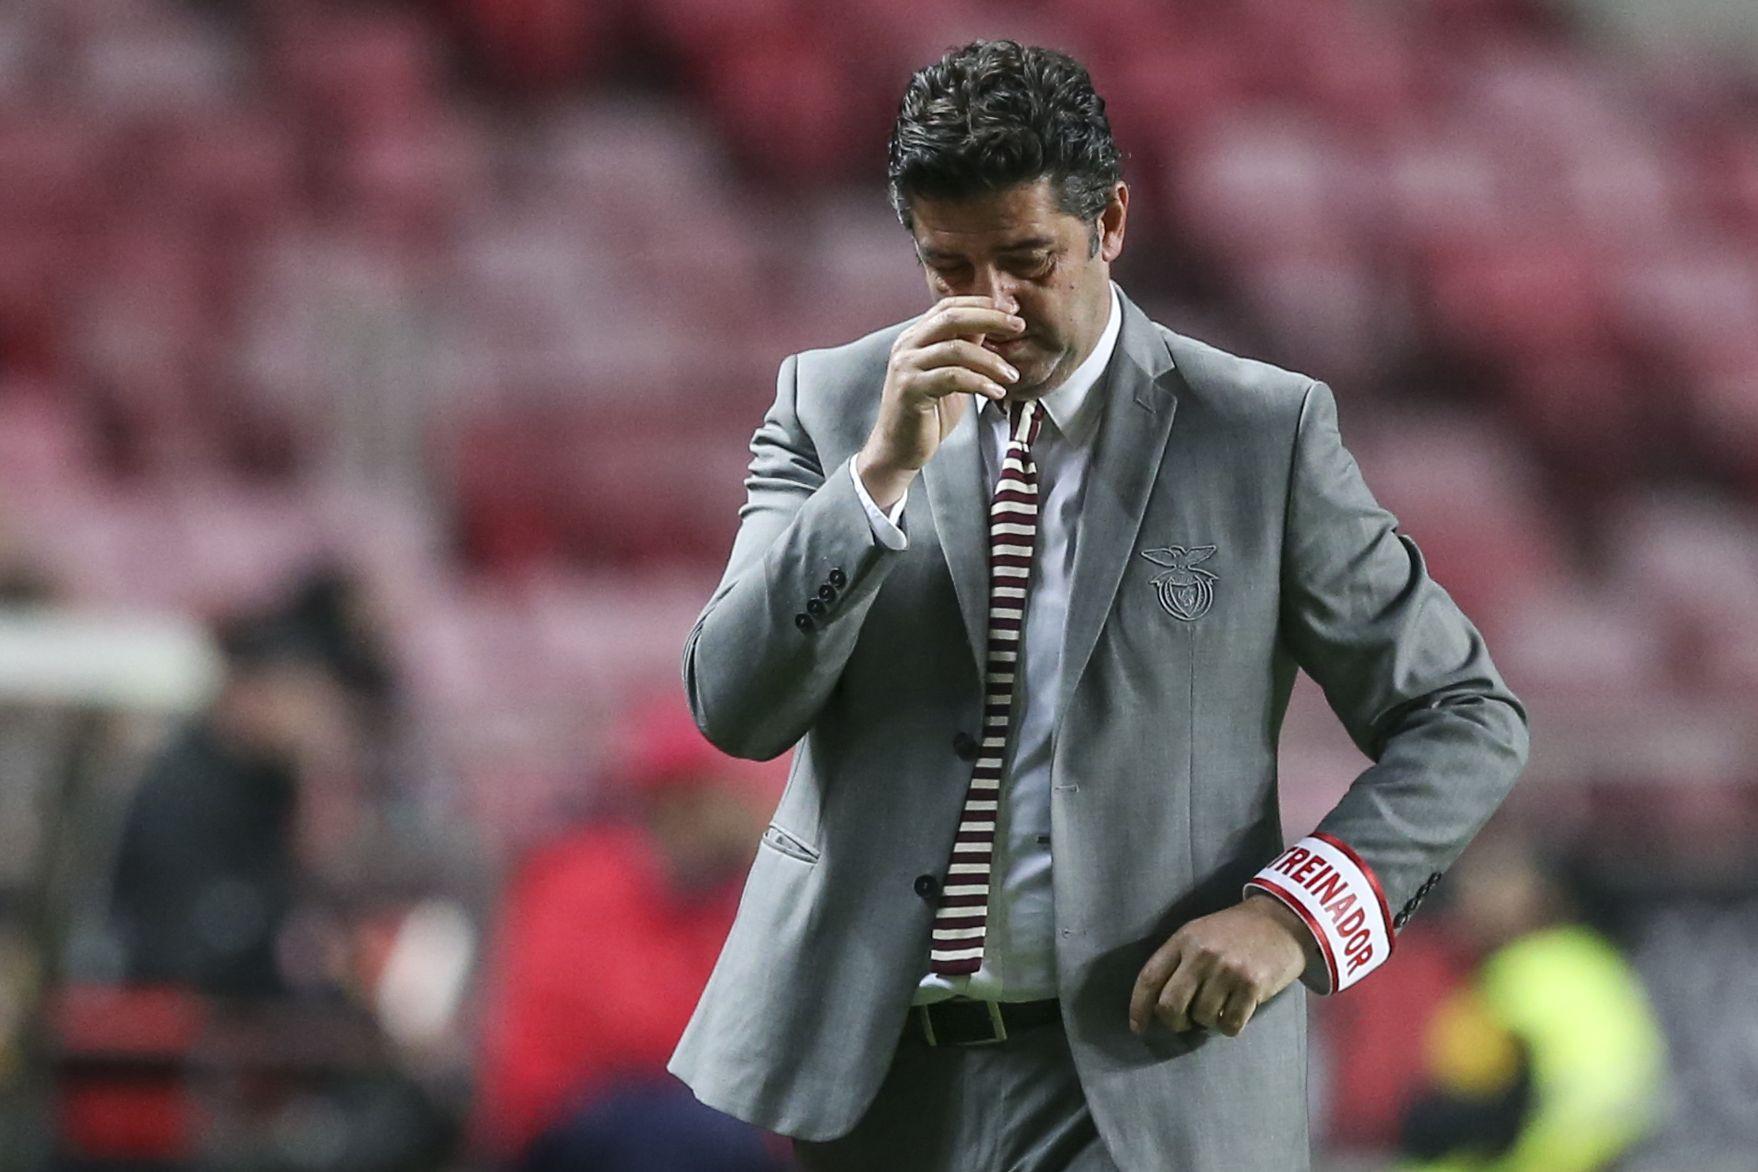 Rui Vitória já não é treinador do Benfica. Bruno Lage assume equipa